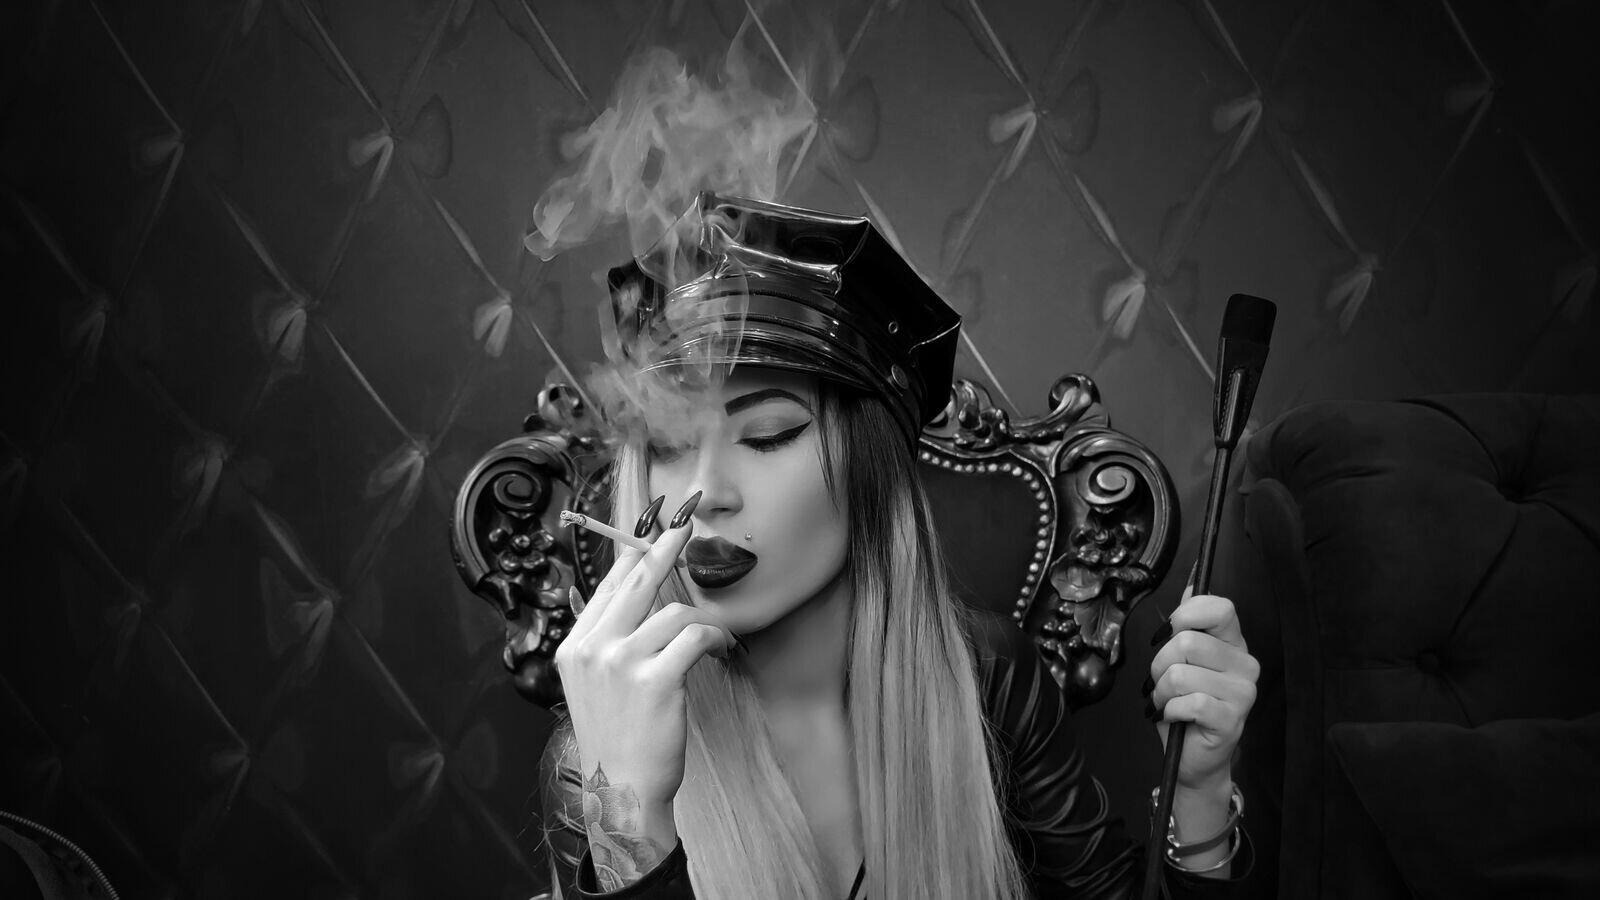 VanessaRobins